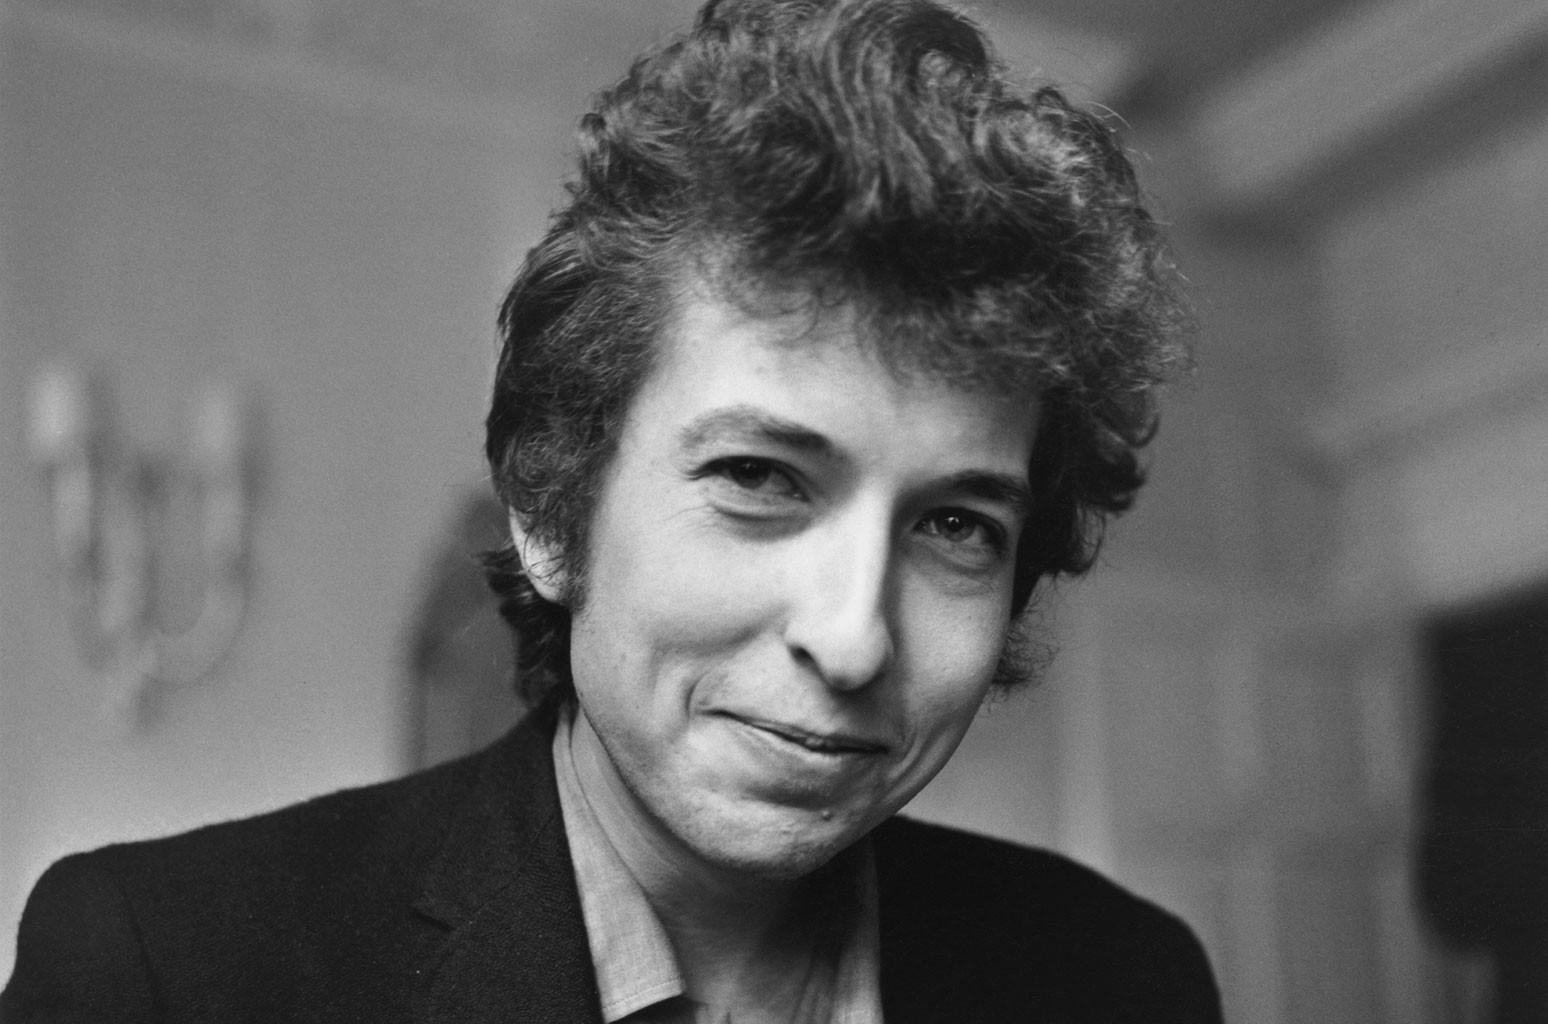 Боба Дилана обвинили в сексуальном насилии несовершеннолетней